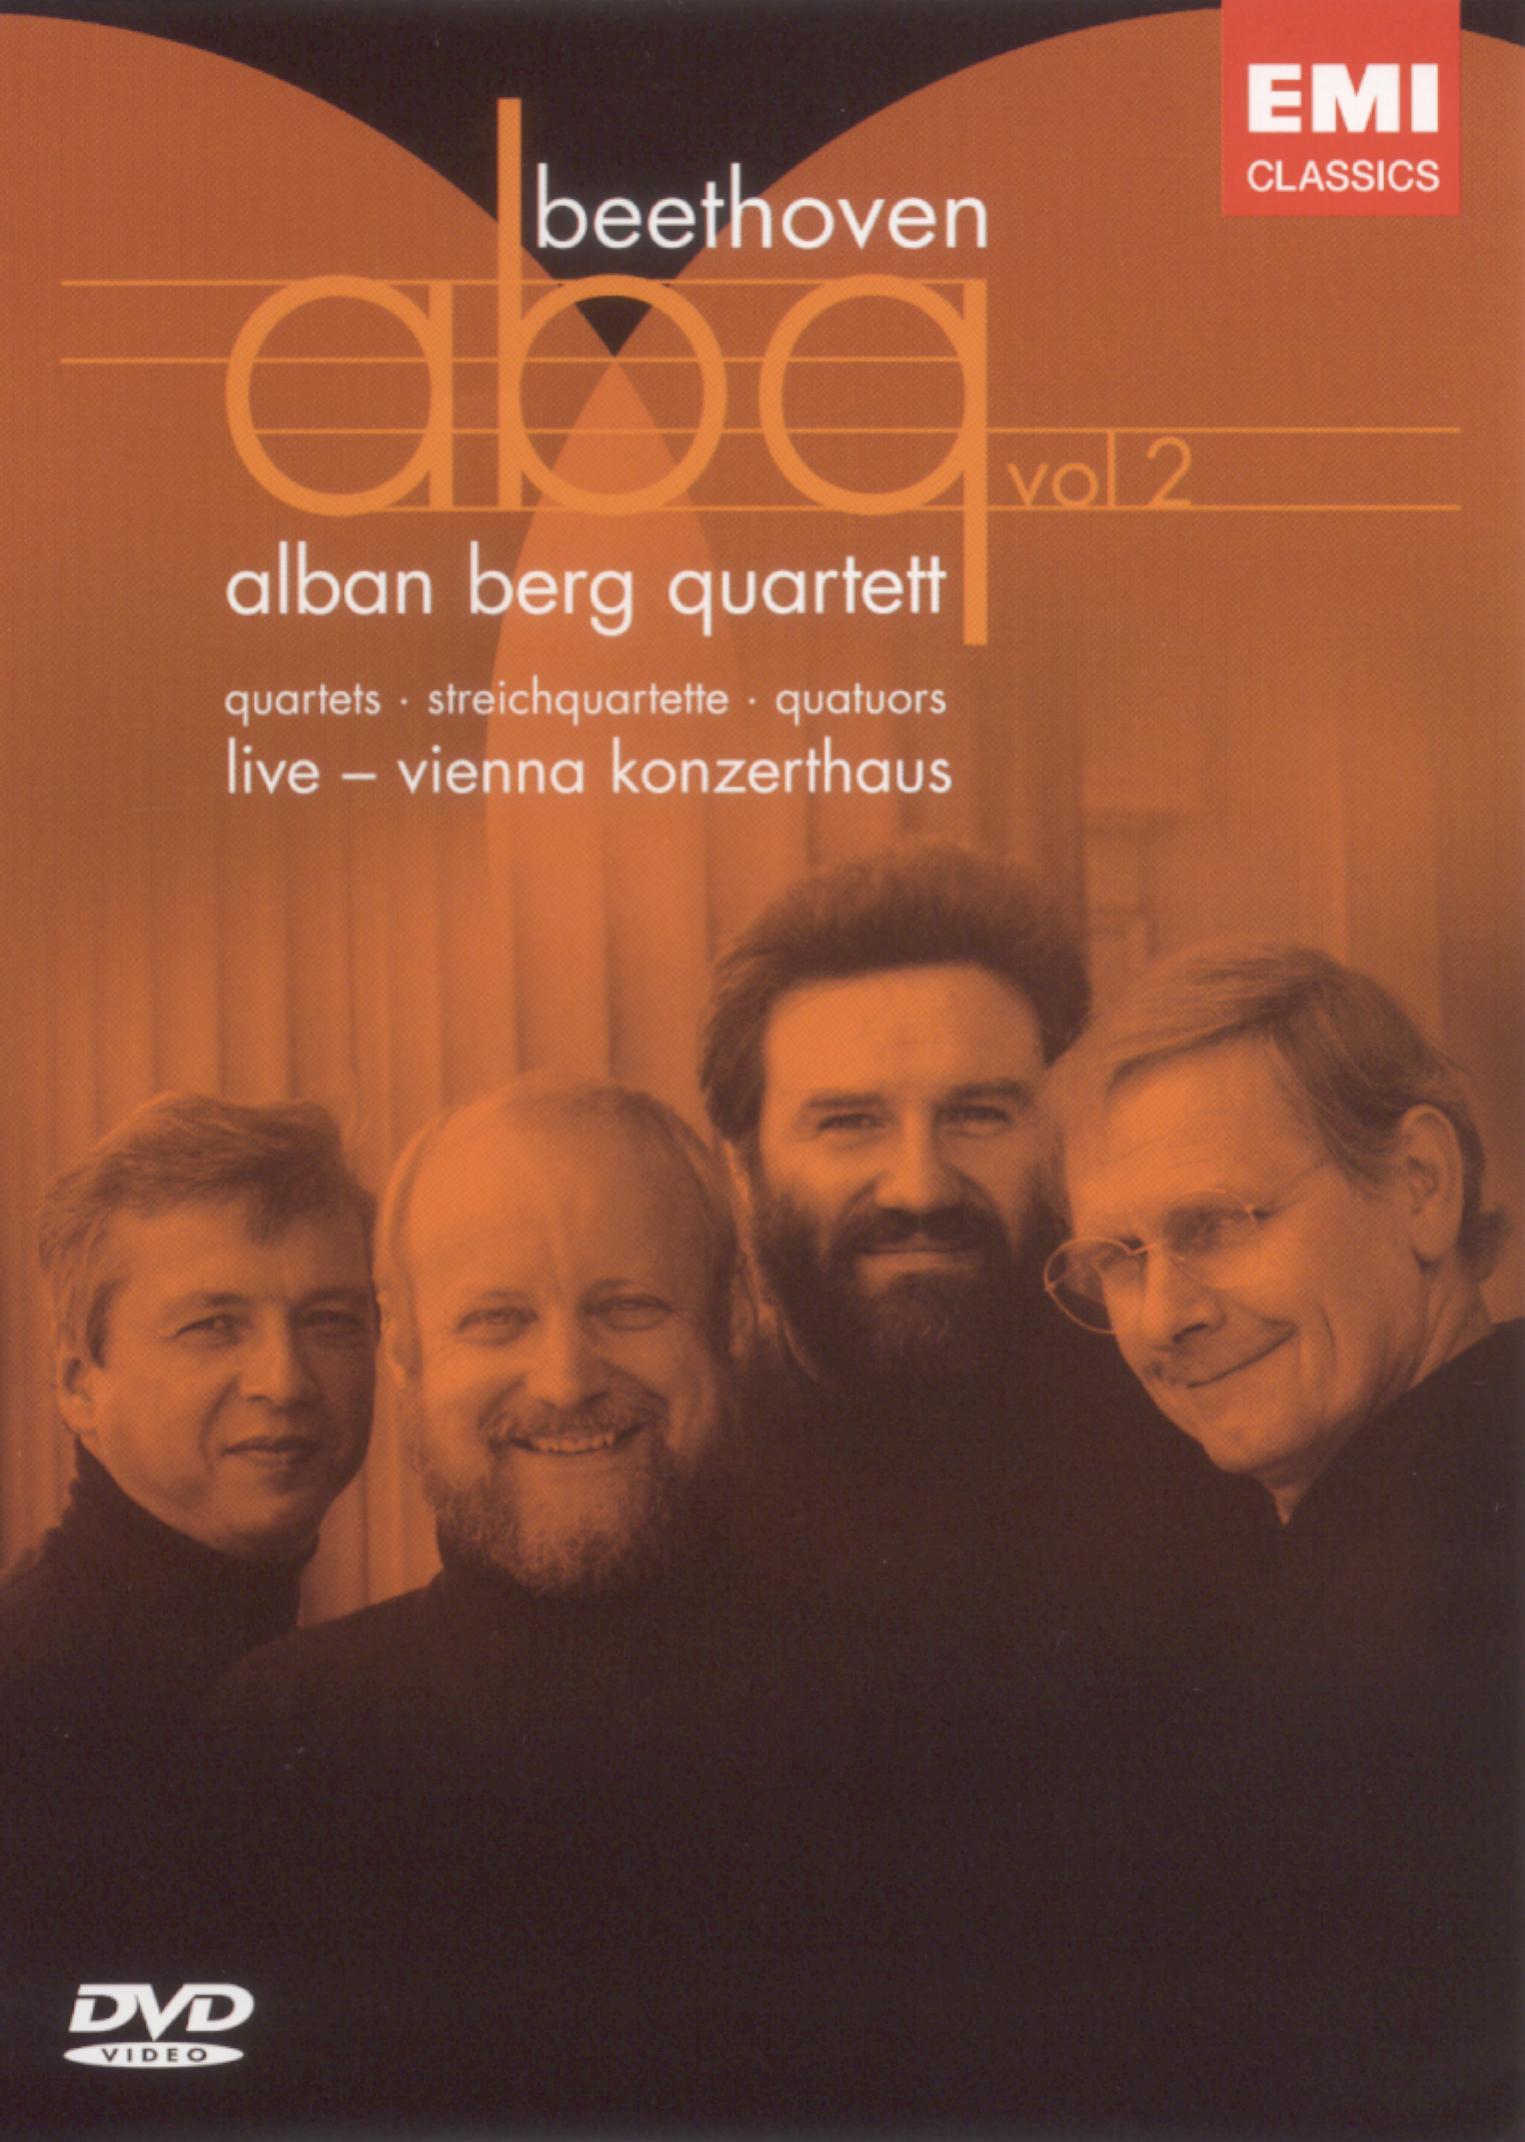 Beethoven: String Quartets 2